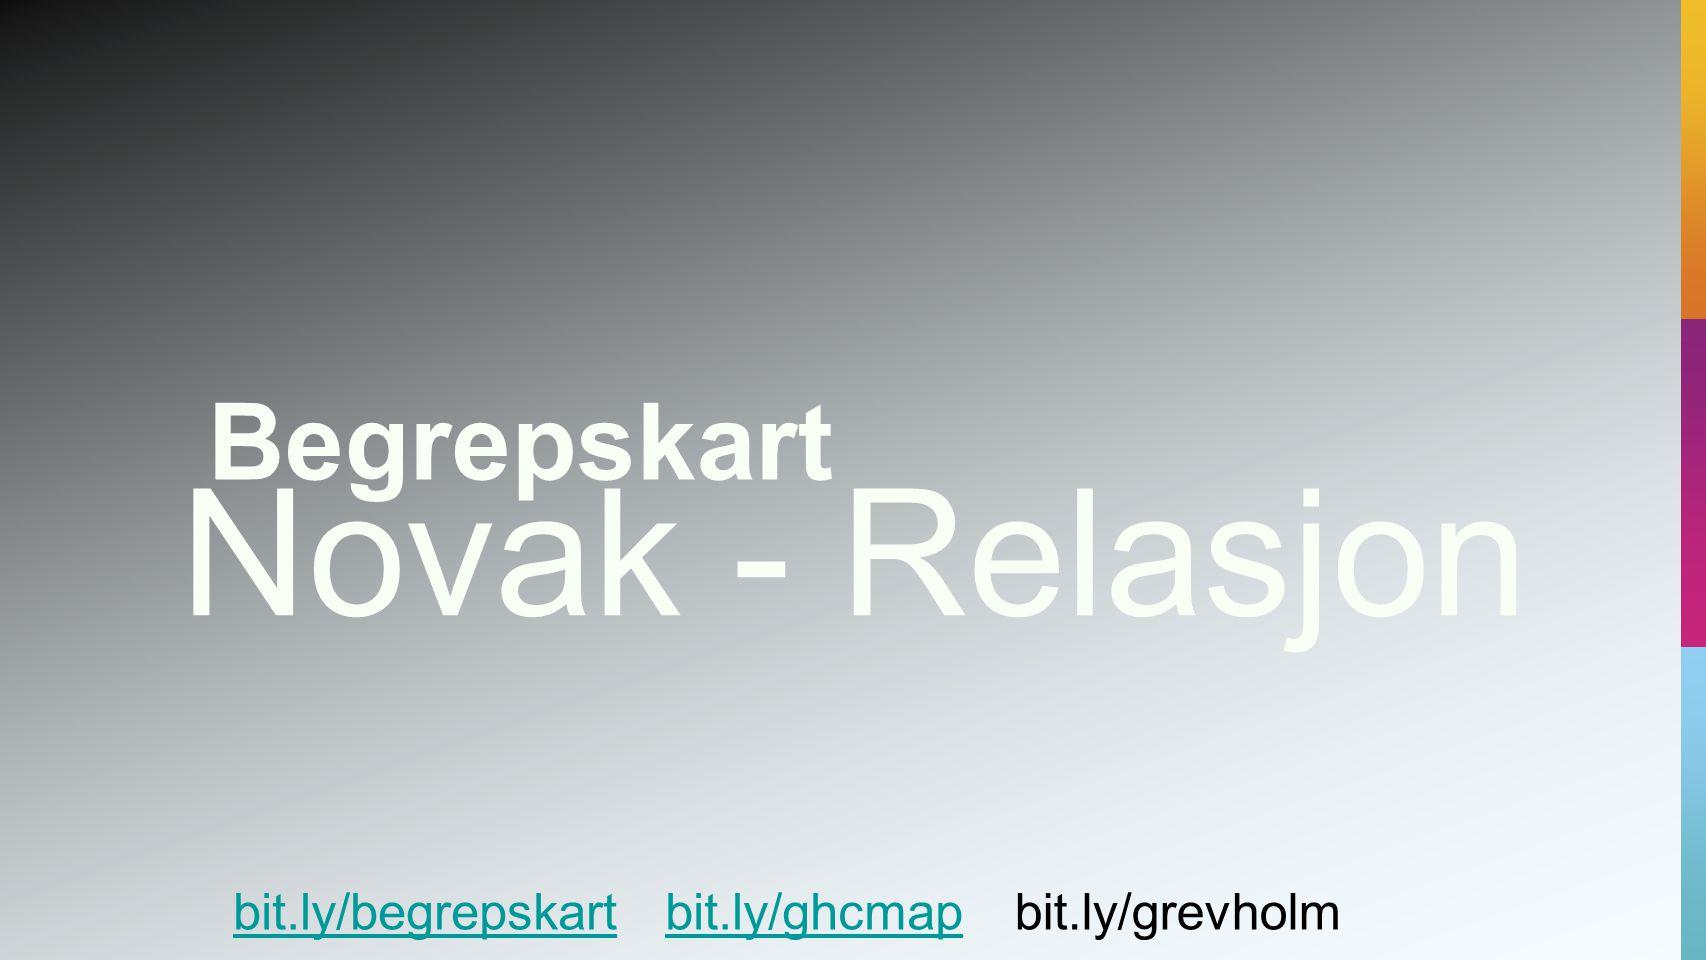 Novak - Relasjon bit.ly/ghcmapbit.ly/grevholmbit.ly/begrepskart